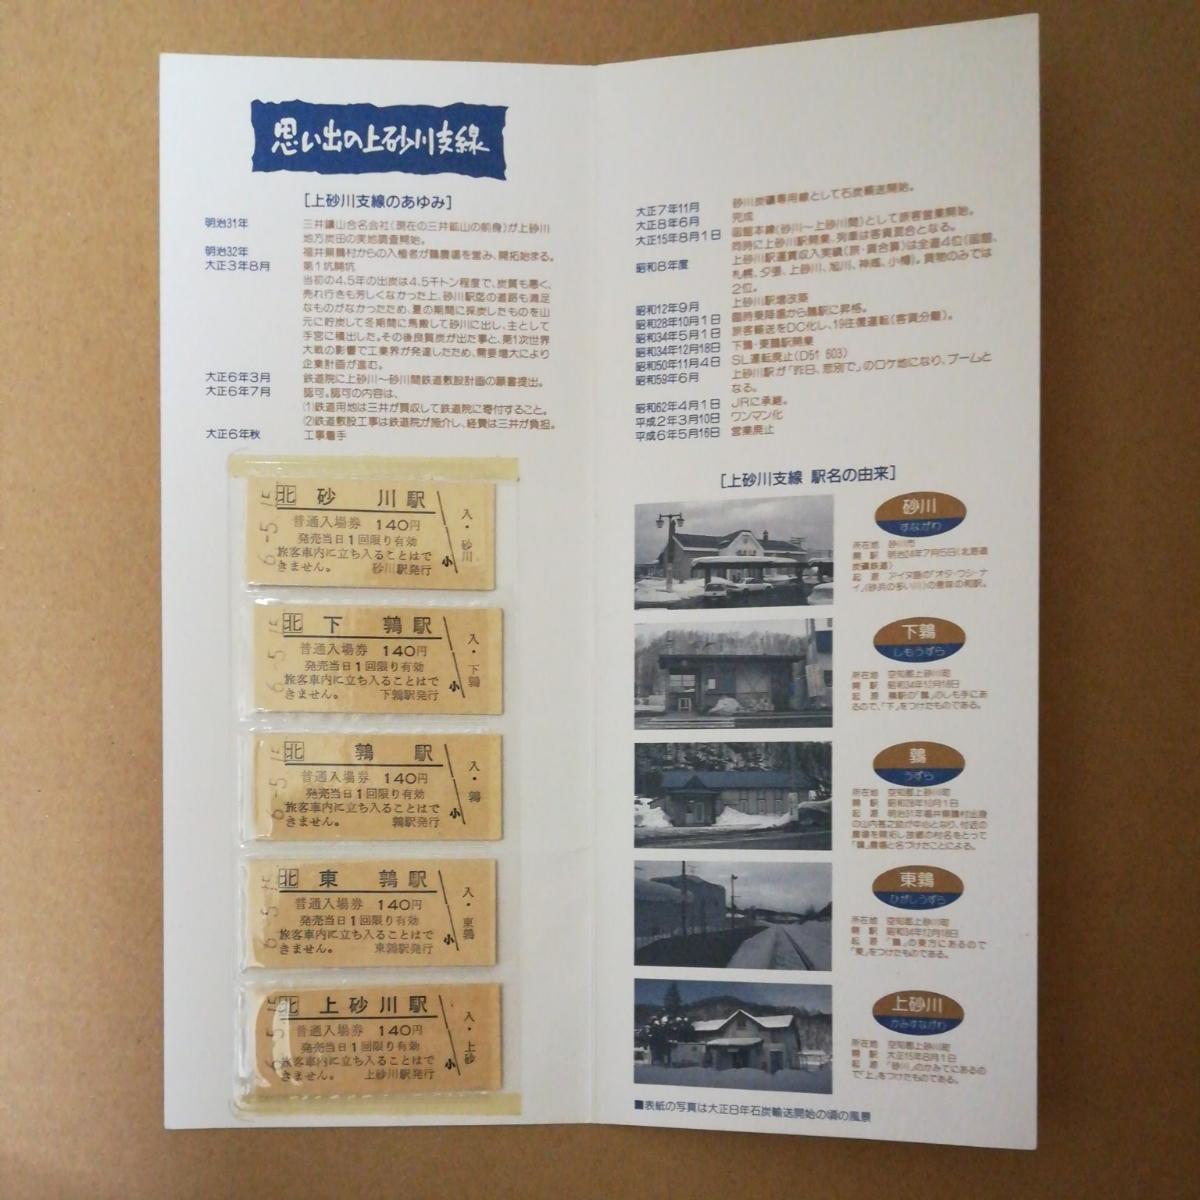 JR北海道 思い出の上砂川支線 入場券セット_画像2